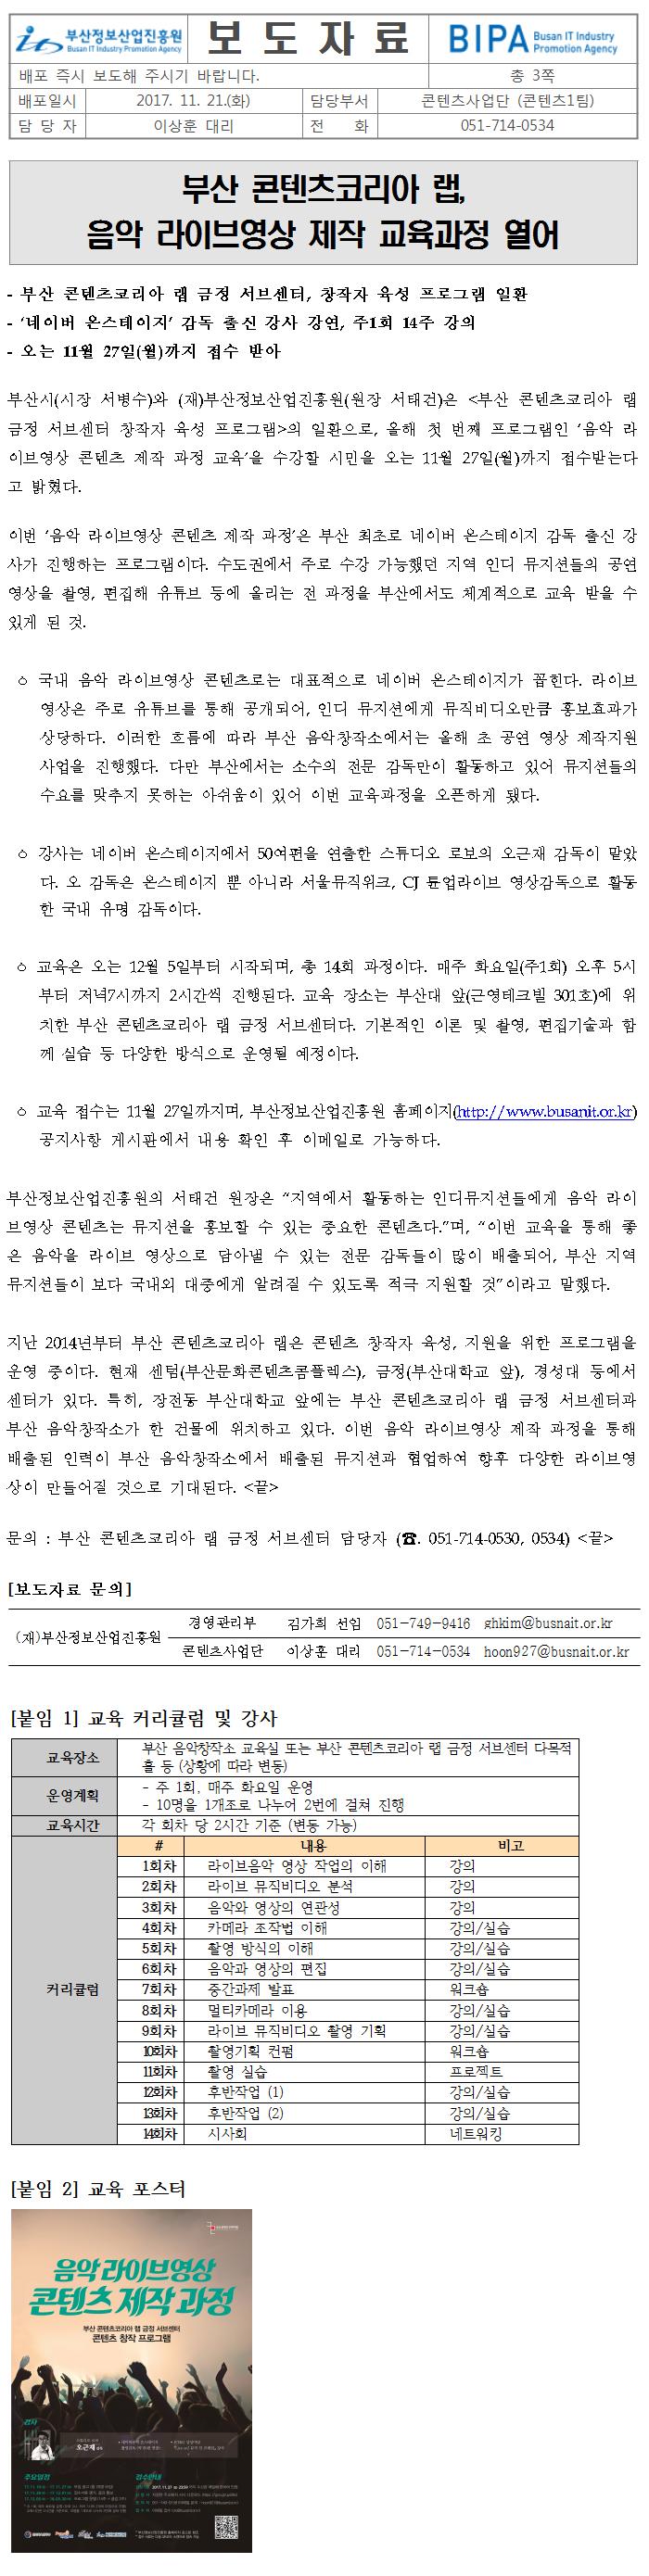 부산 콘텐츠코리아 랩,음악 라이브영상 제작 교육과정 열어